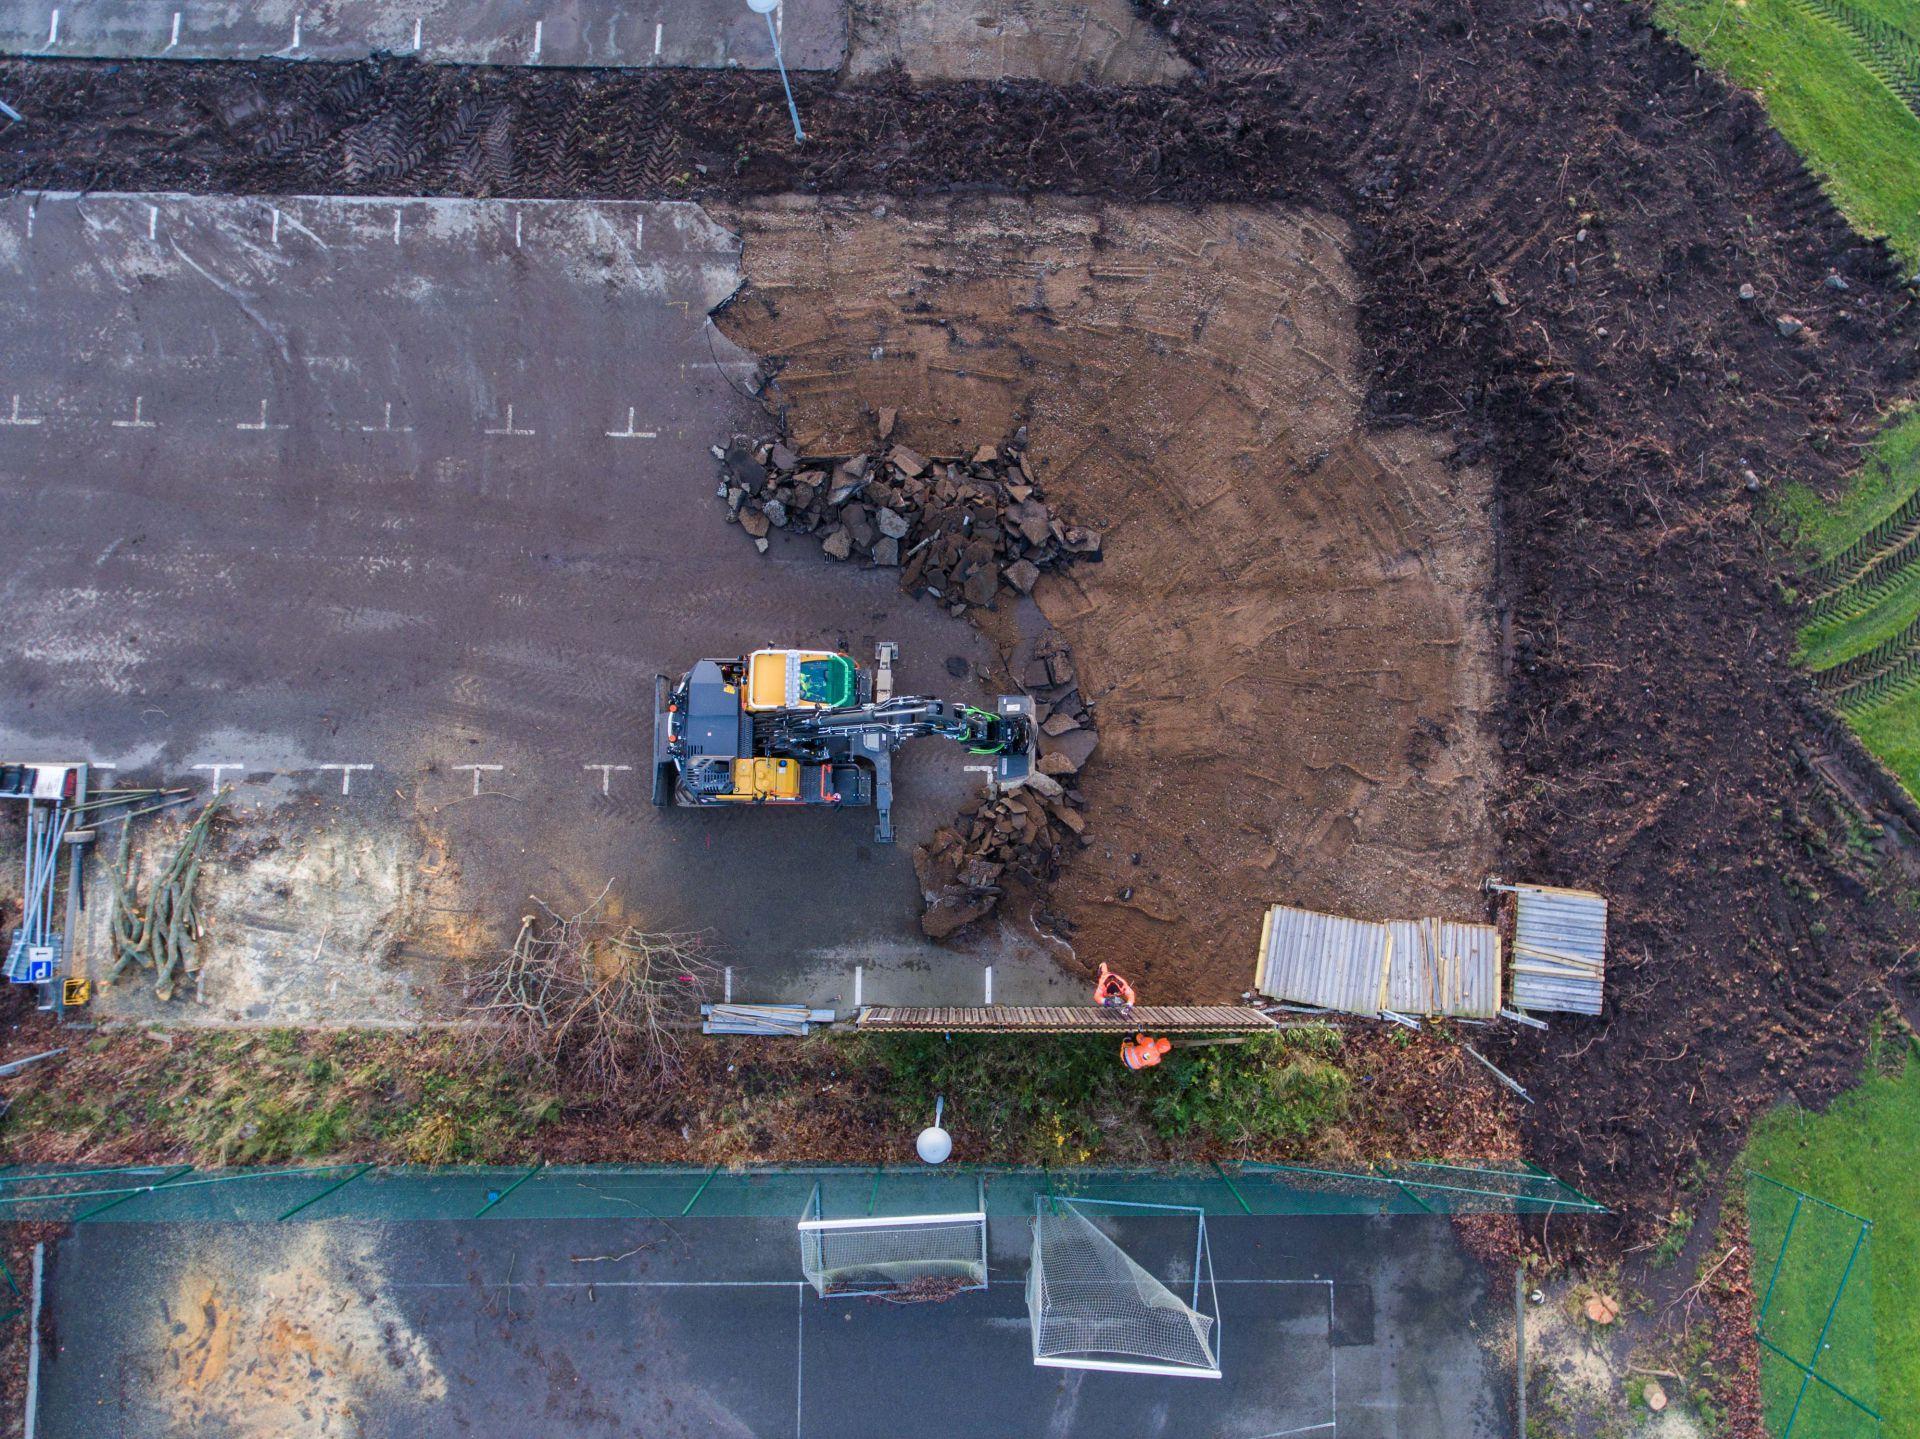 Grävskopa tar bort asfalten från Vikenskolans parkering och arbetare tar ned staket. Taget uppifrån ned